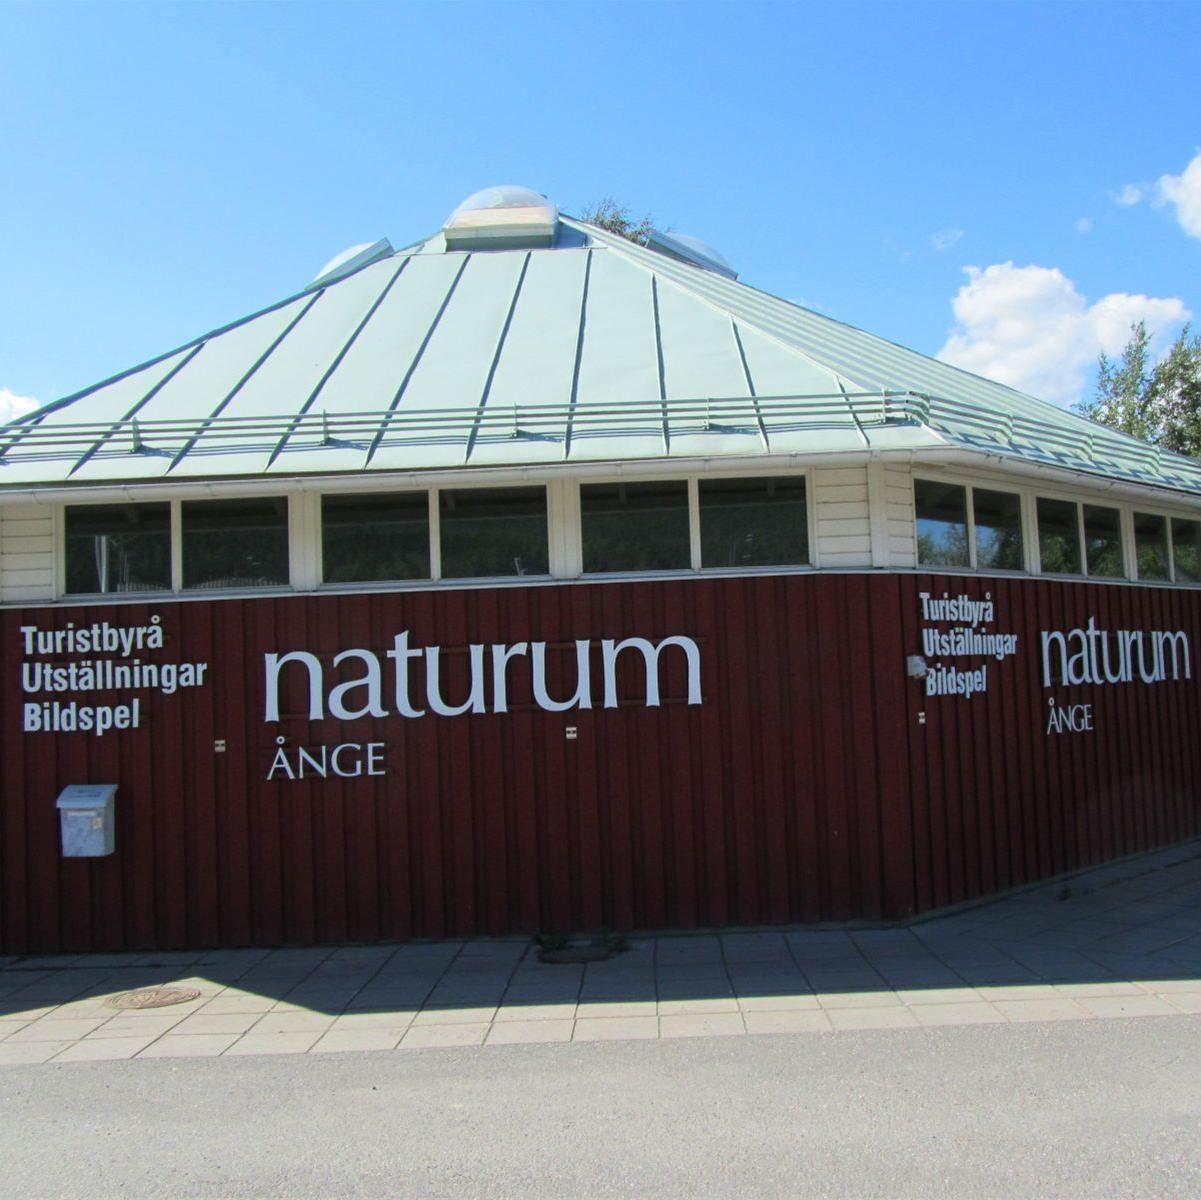 Naturum Ånge & turistbyrå